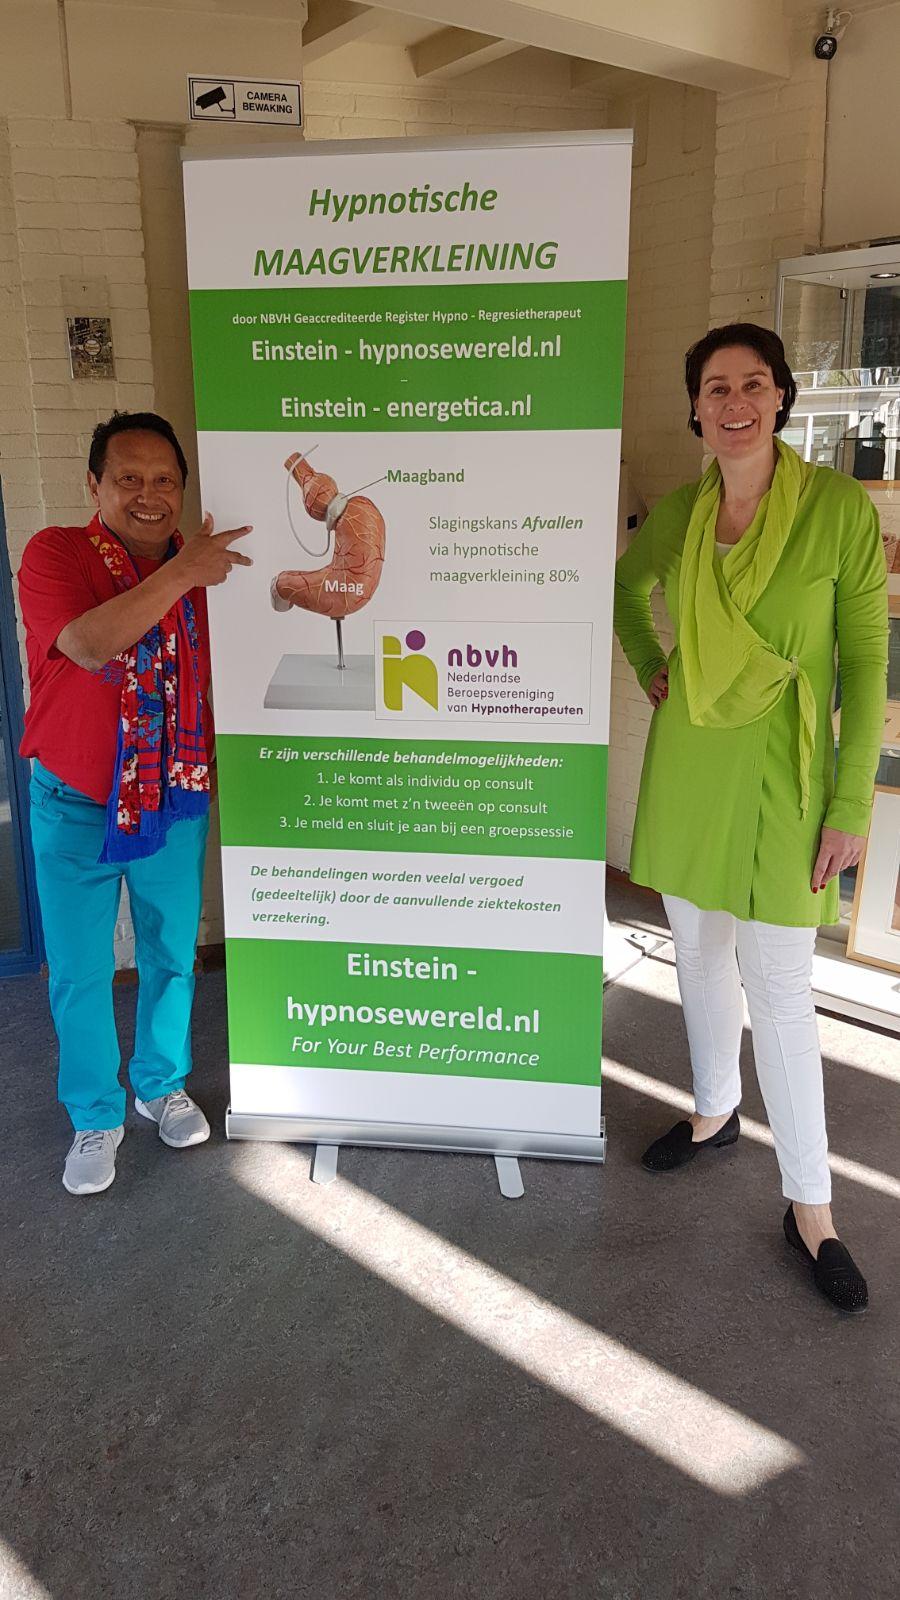 Hypnotische maagband groepssessie in Leiden